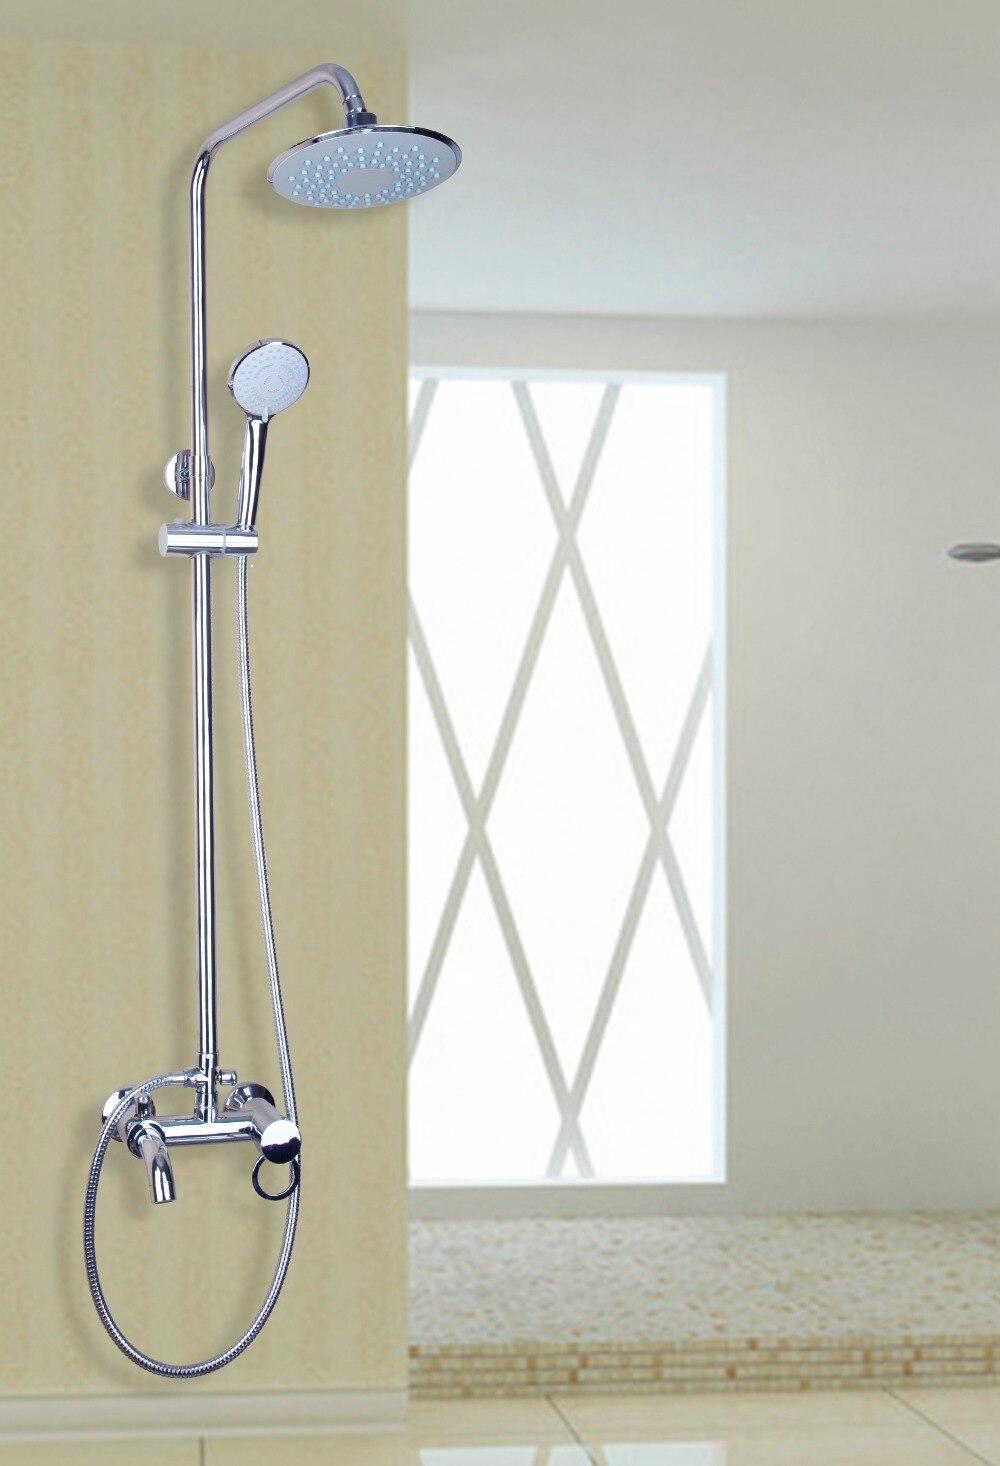 Shower 8round Stainless Steel Bath Rainfall Shower Head